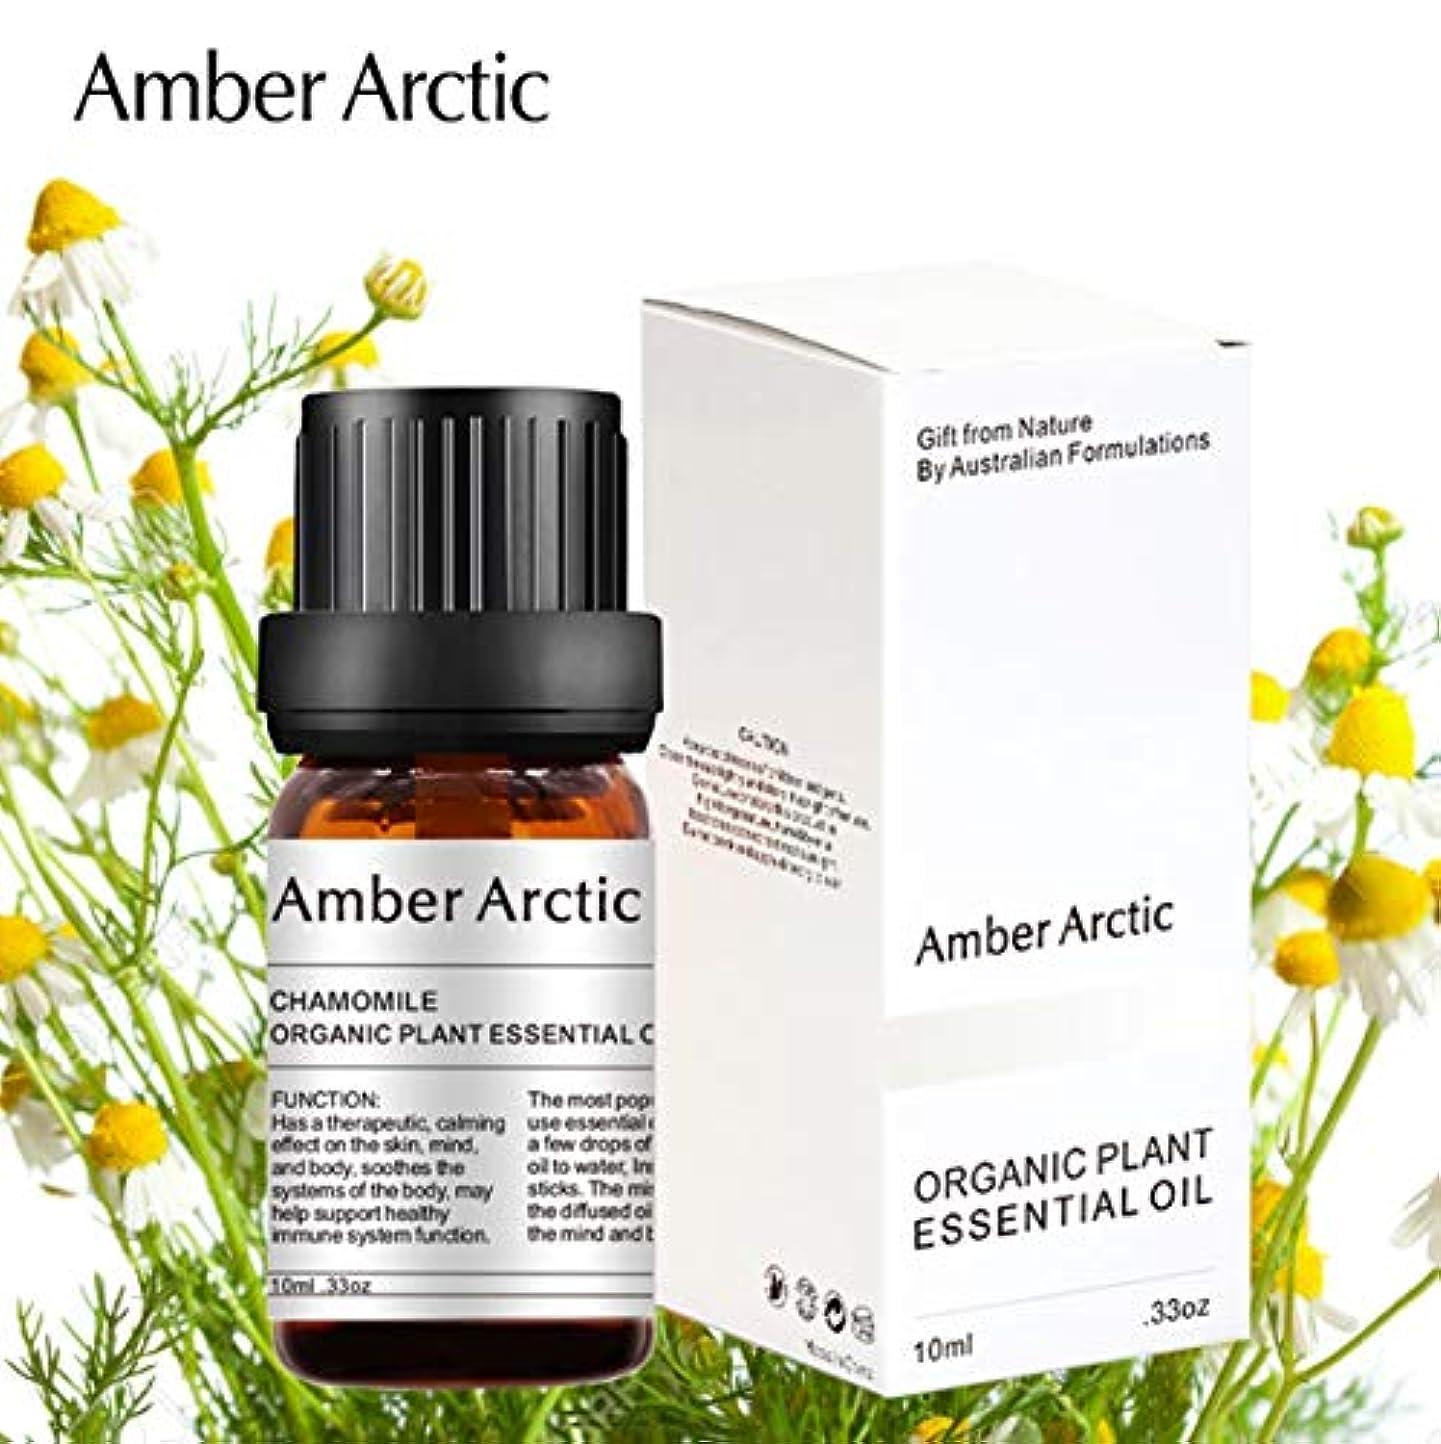 バッテリー順応性のある例Amber Arctic カモミール エッセンシャル オイル、100% ピュア 天然 アロマテラピー カモミール オイル スプレッド 用 (10ML) カモミール